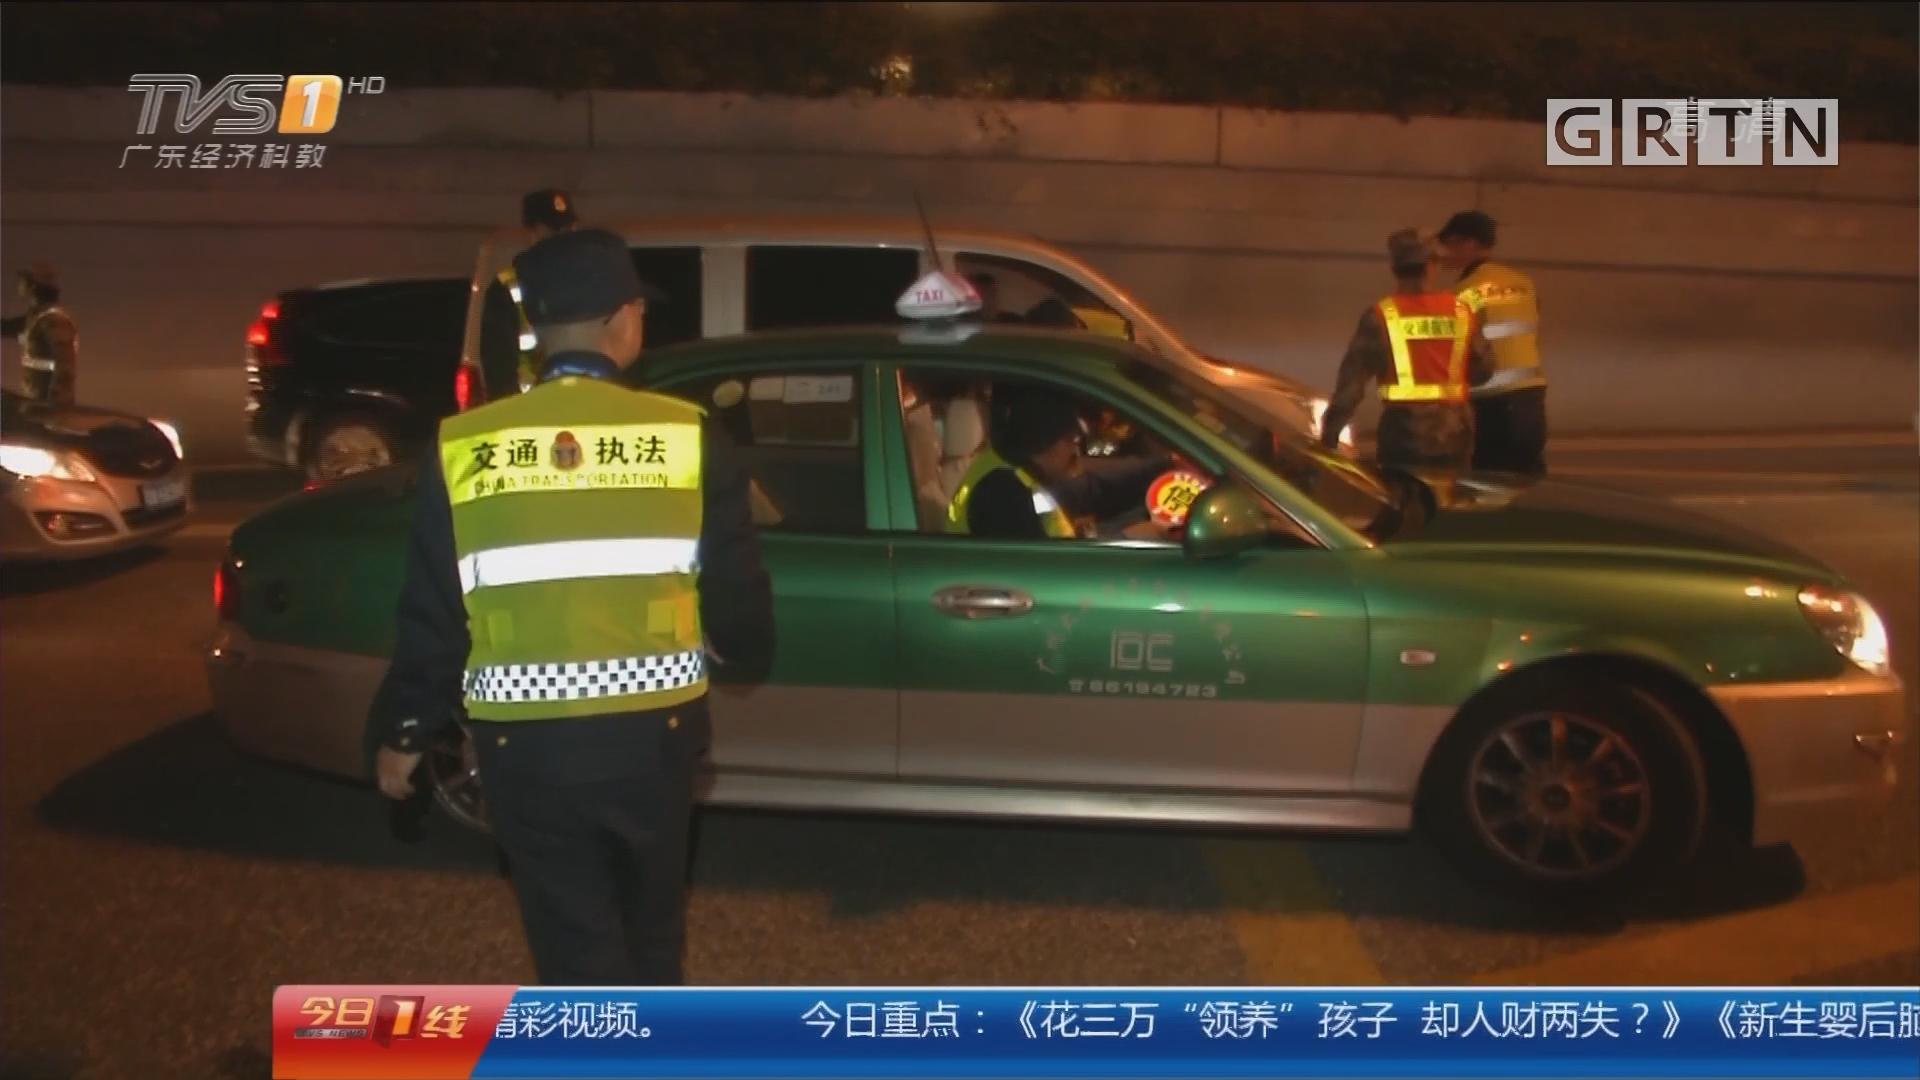 平安春运:广州 出租违章 联合执法严厉打击